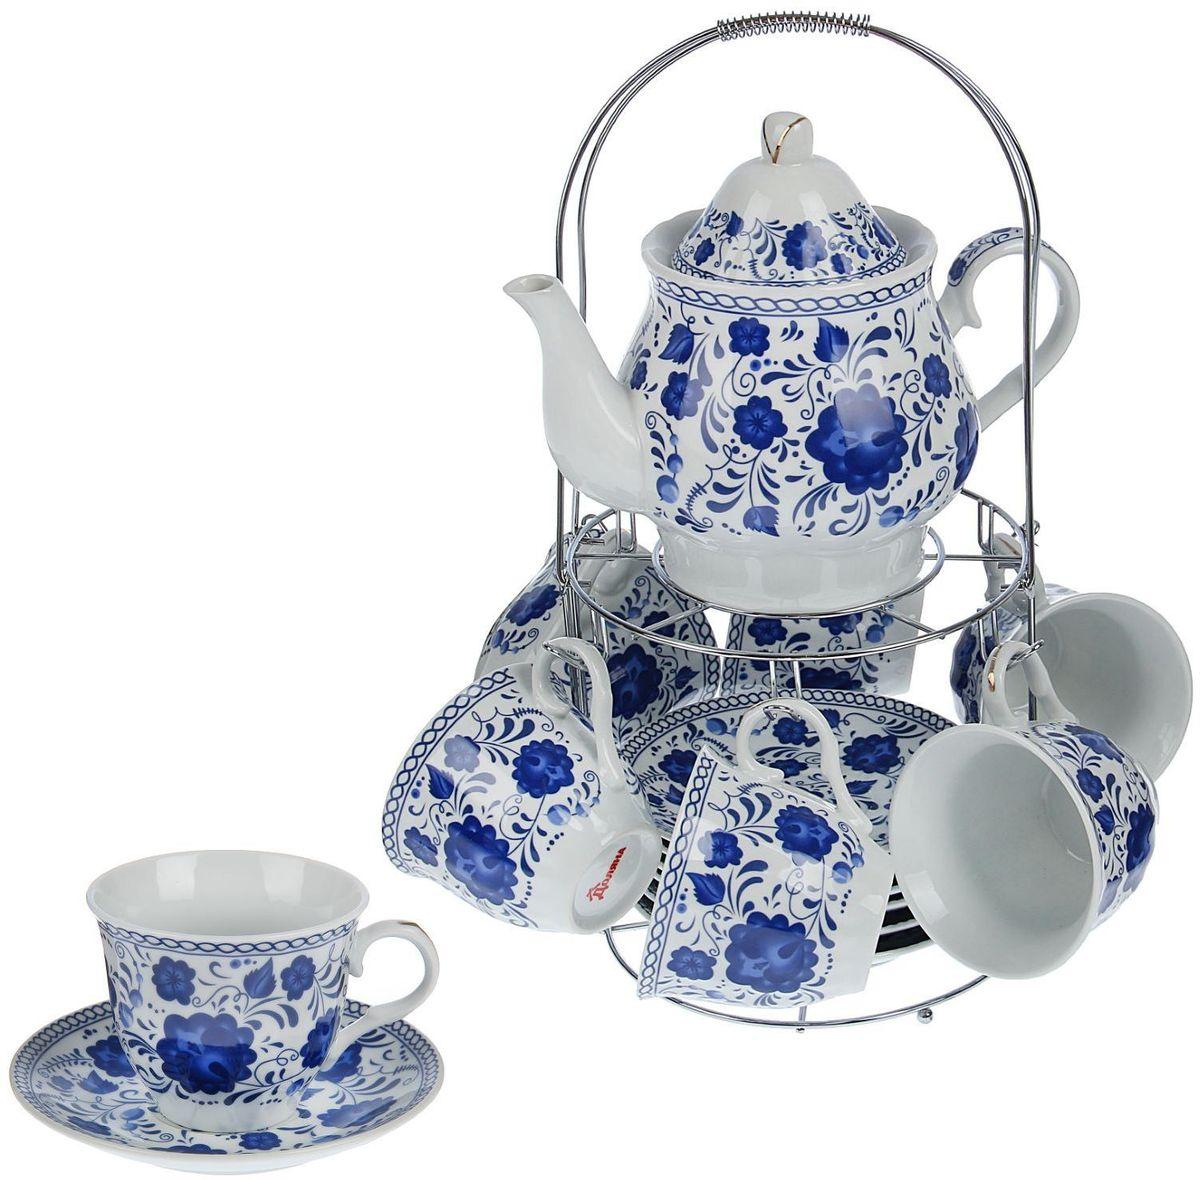 Сервиз чайный Доляна Гжель, 13 предметов1405172Сервиз чайный Доляна Гжель состоит из 6 чашек, 6 блюдец и металлической подставки. Предметы выполнены из фаянса и покрыты глазурью. Изделия украшены изысканной росписью в стиле гжель. Посуда отличается прозрачностью и белизной, она неприхотлива и не требует особых условий хранения. Подходит для ежедневного использования. Оригинальный сервиз привнесет в дом атмосферу уюта и гостеприимства и станет чудесным подарком для друзей и близких.Рекомендуется мыть вручную. Не рекомендуется использовать посуду для разогрева пищи в СВЧ-печах.